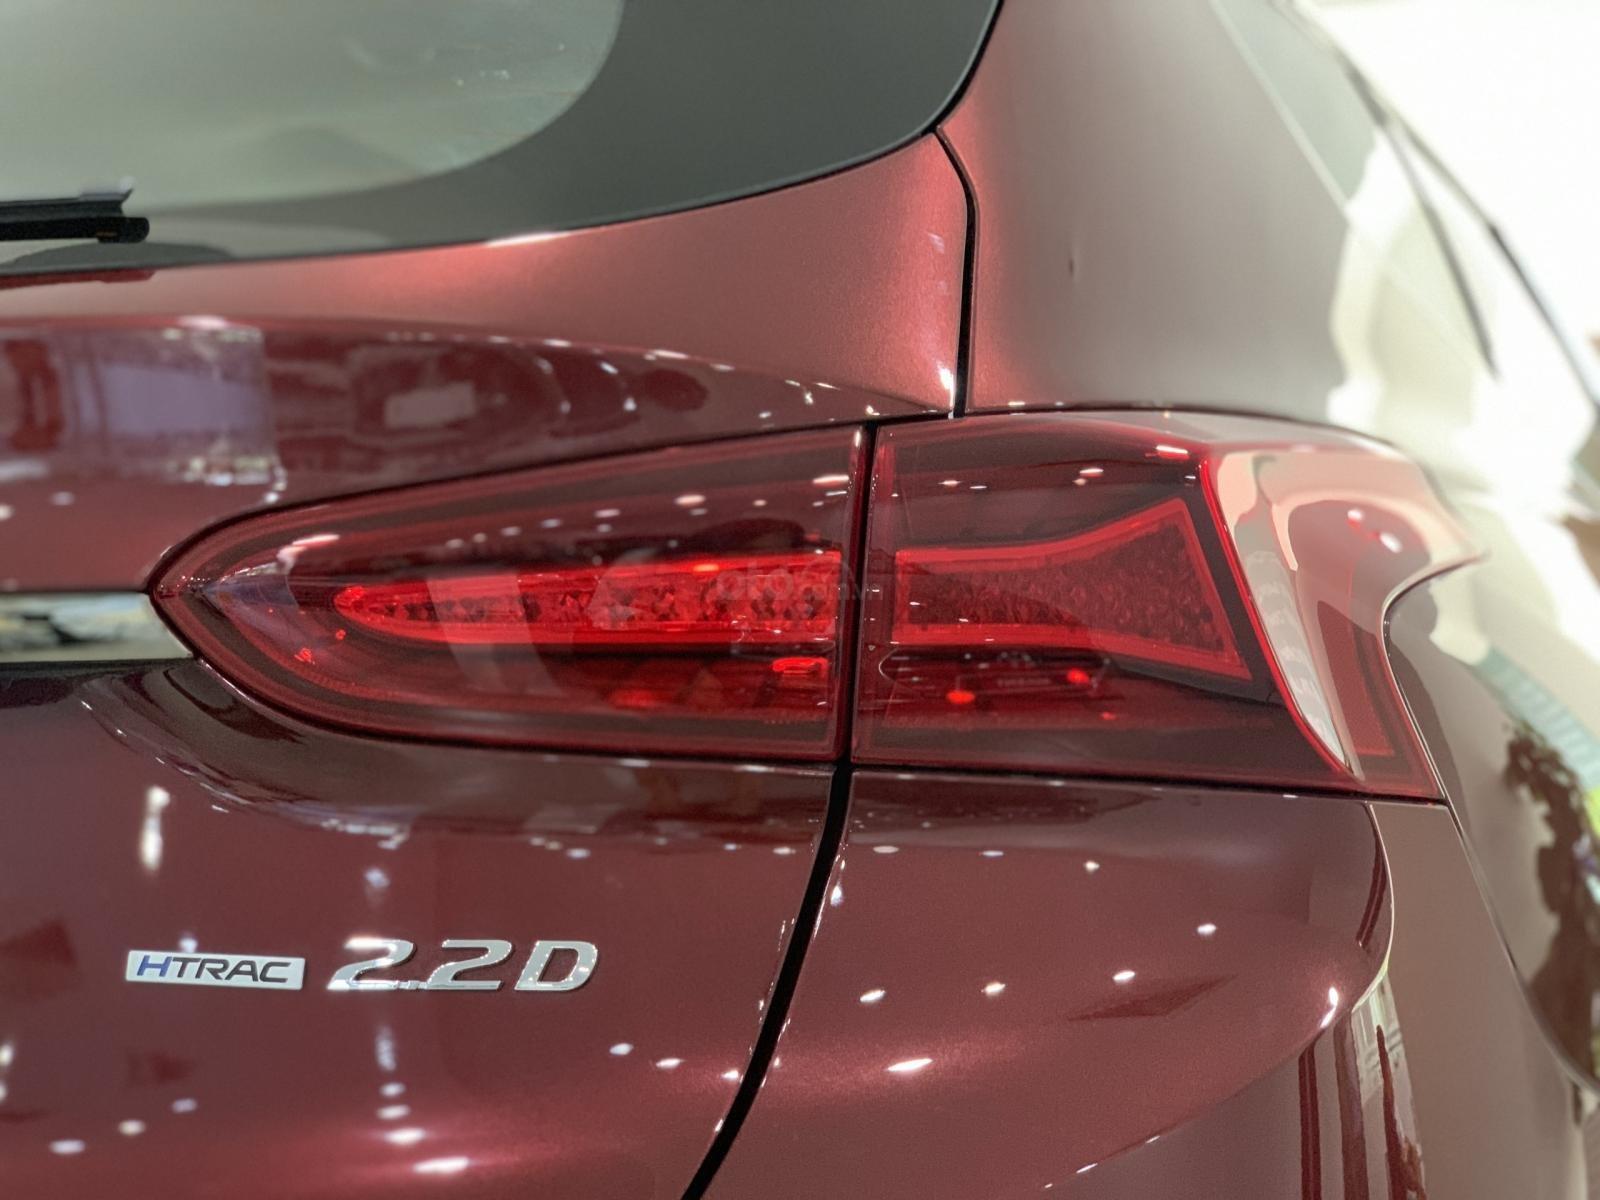 Hyundai Santafe bản đặc biệt nhiều ưu đãi hấp dẫn, khuyến mãi ngập tràn (7)